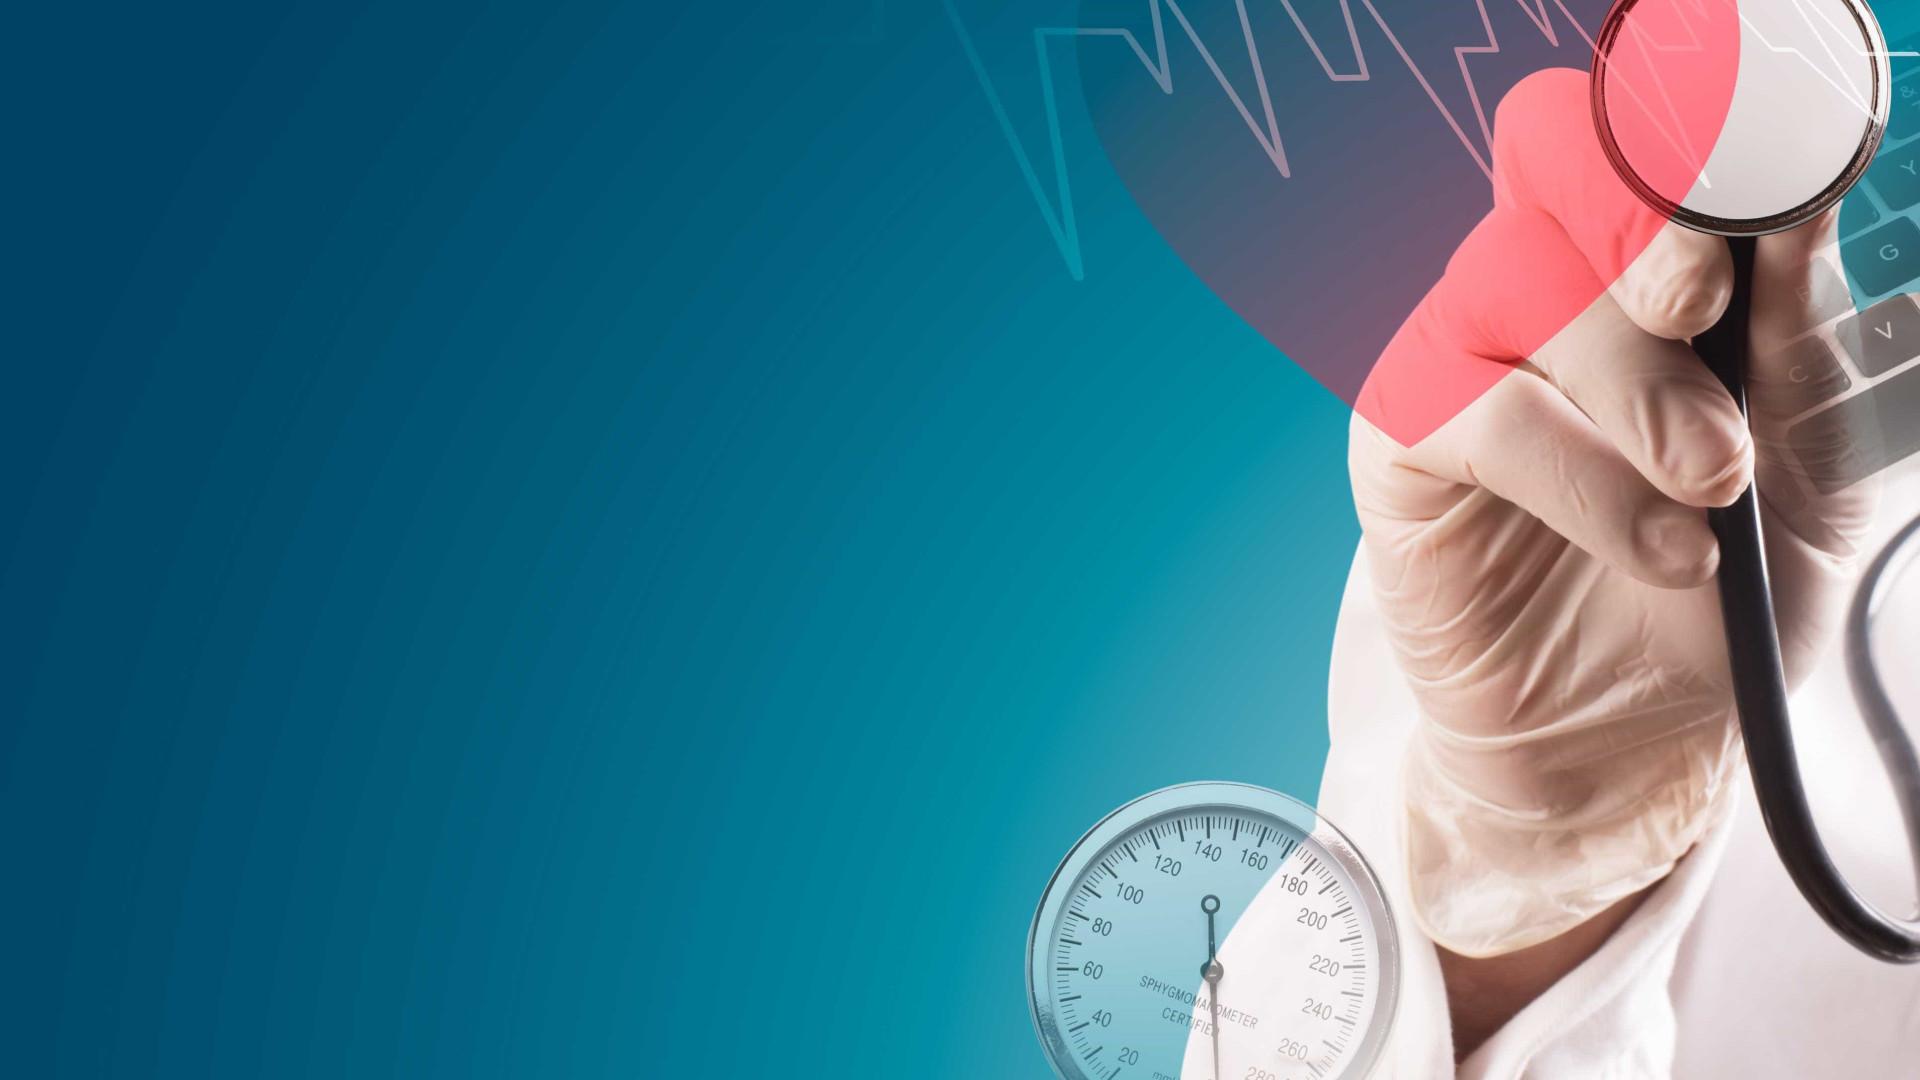 Seis hábitos diários que ajudam a baixar a tensão arterial